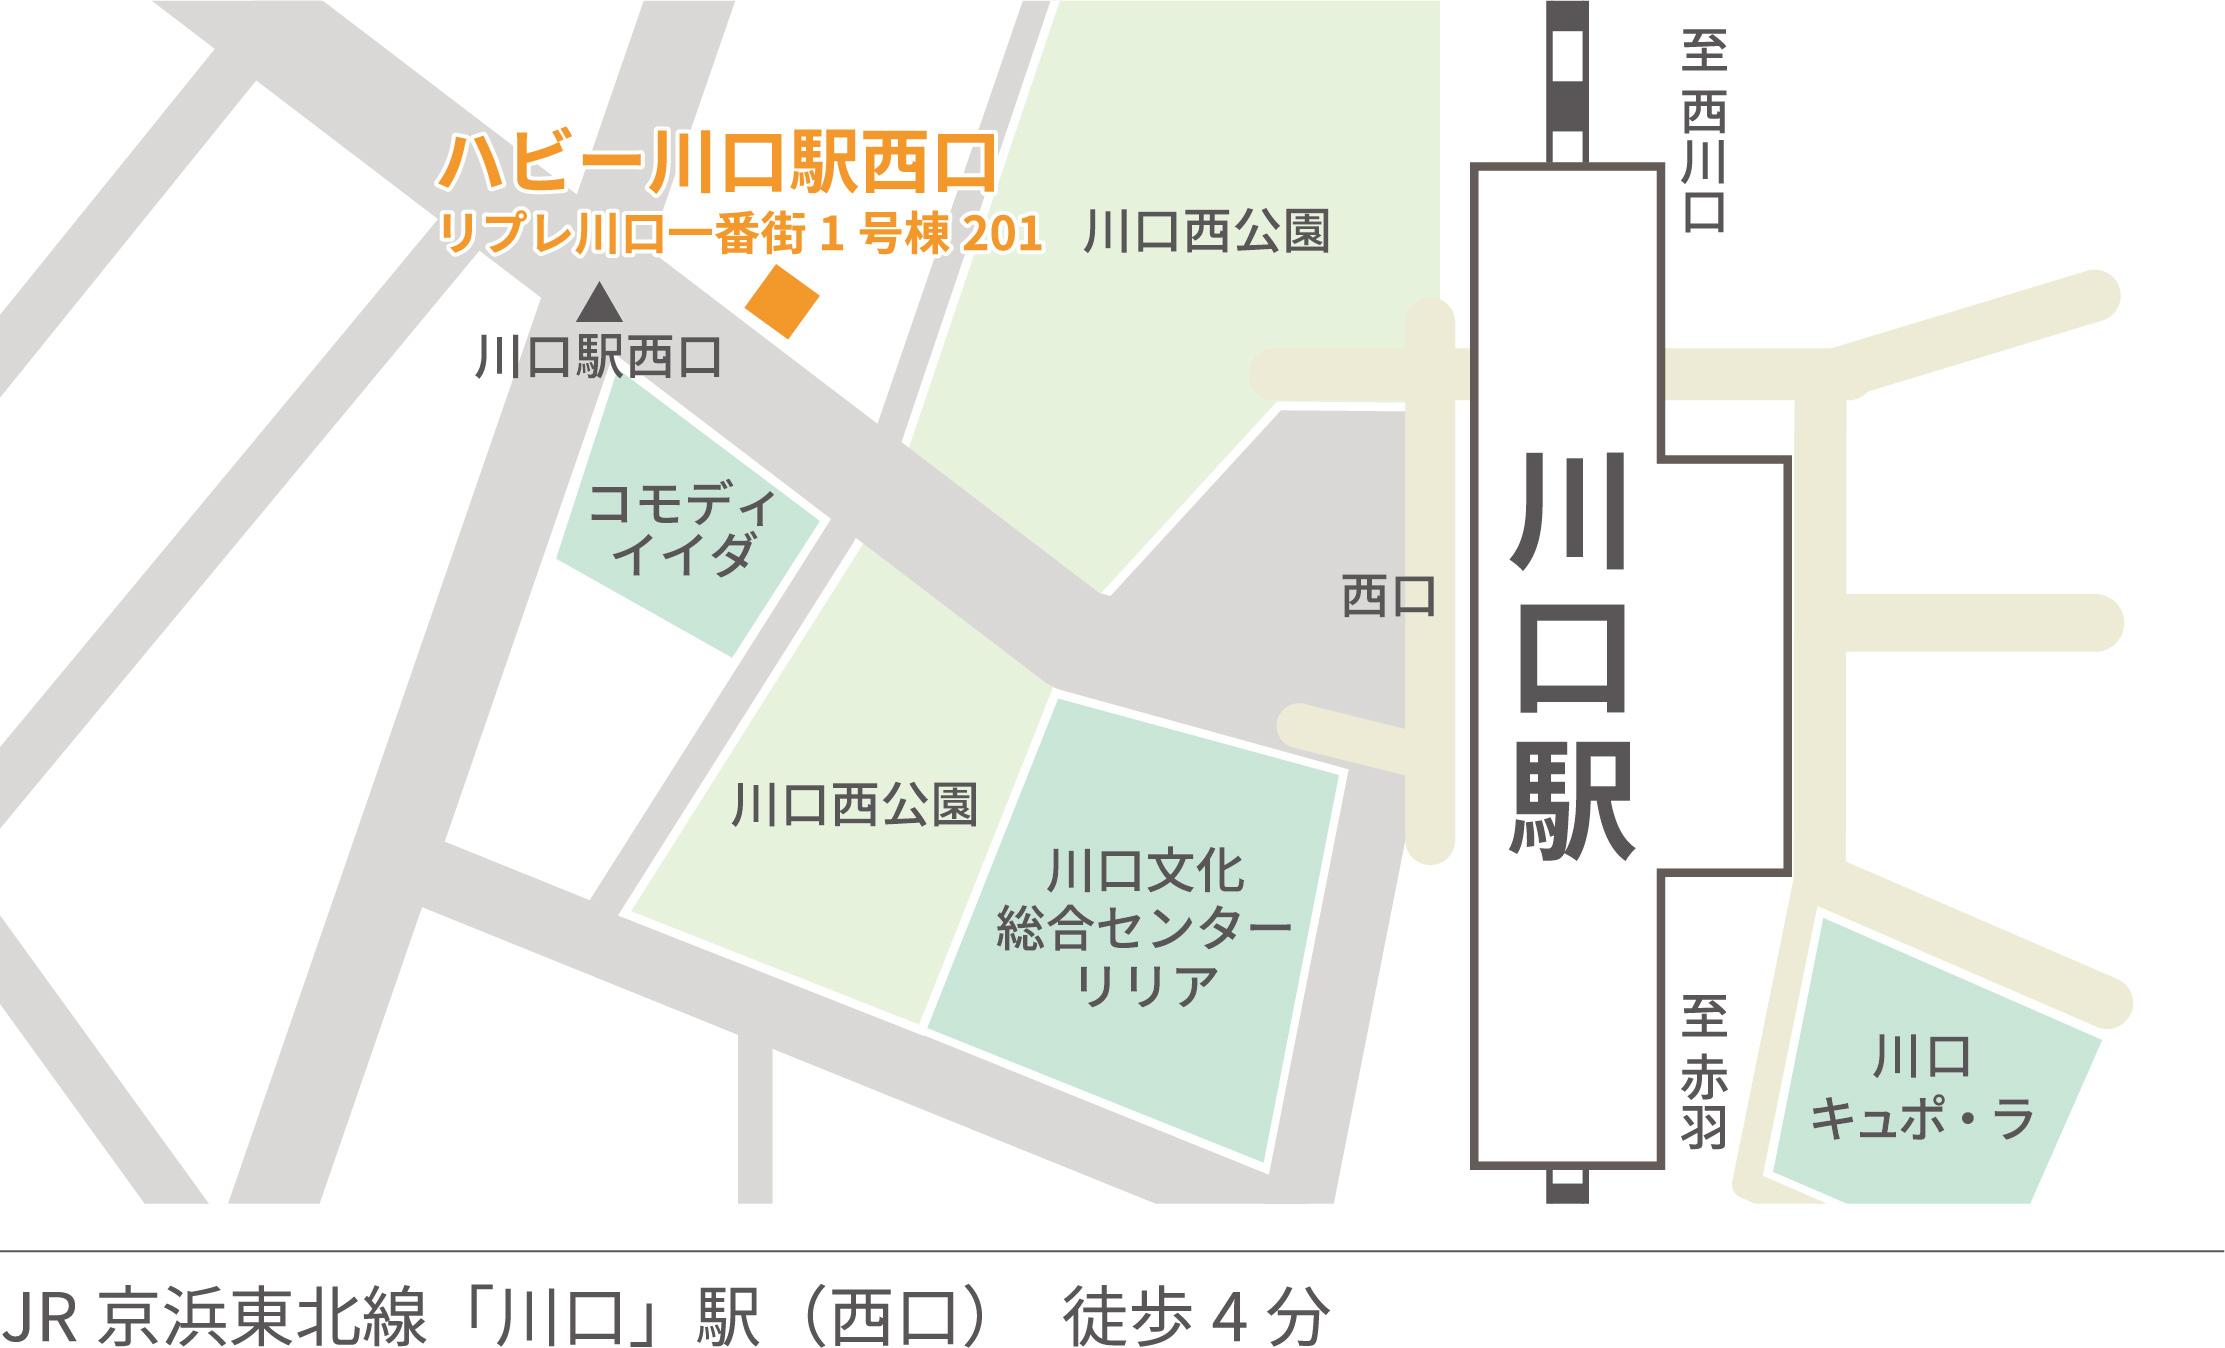 ハビー川口駅西口教室